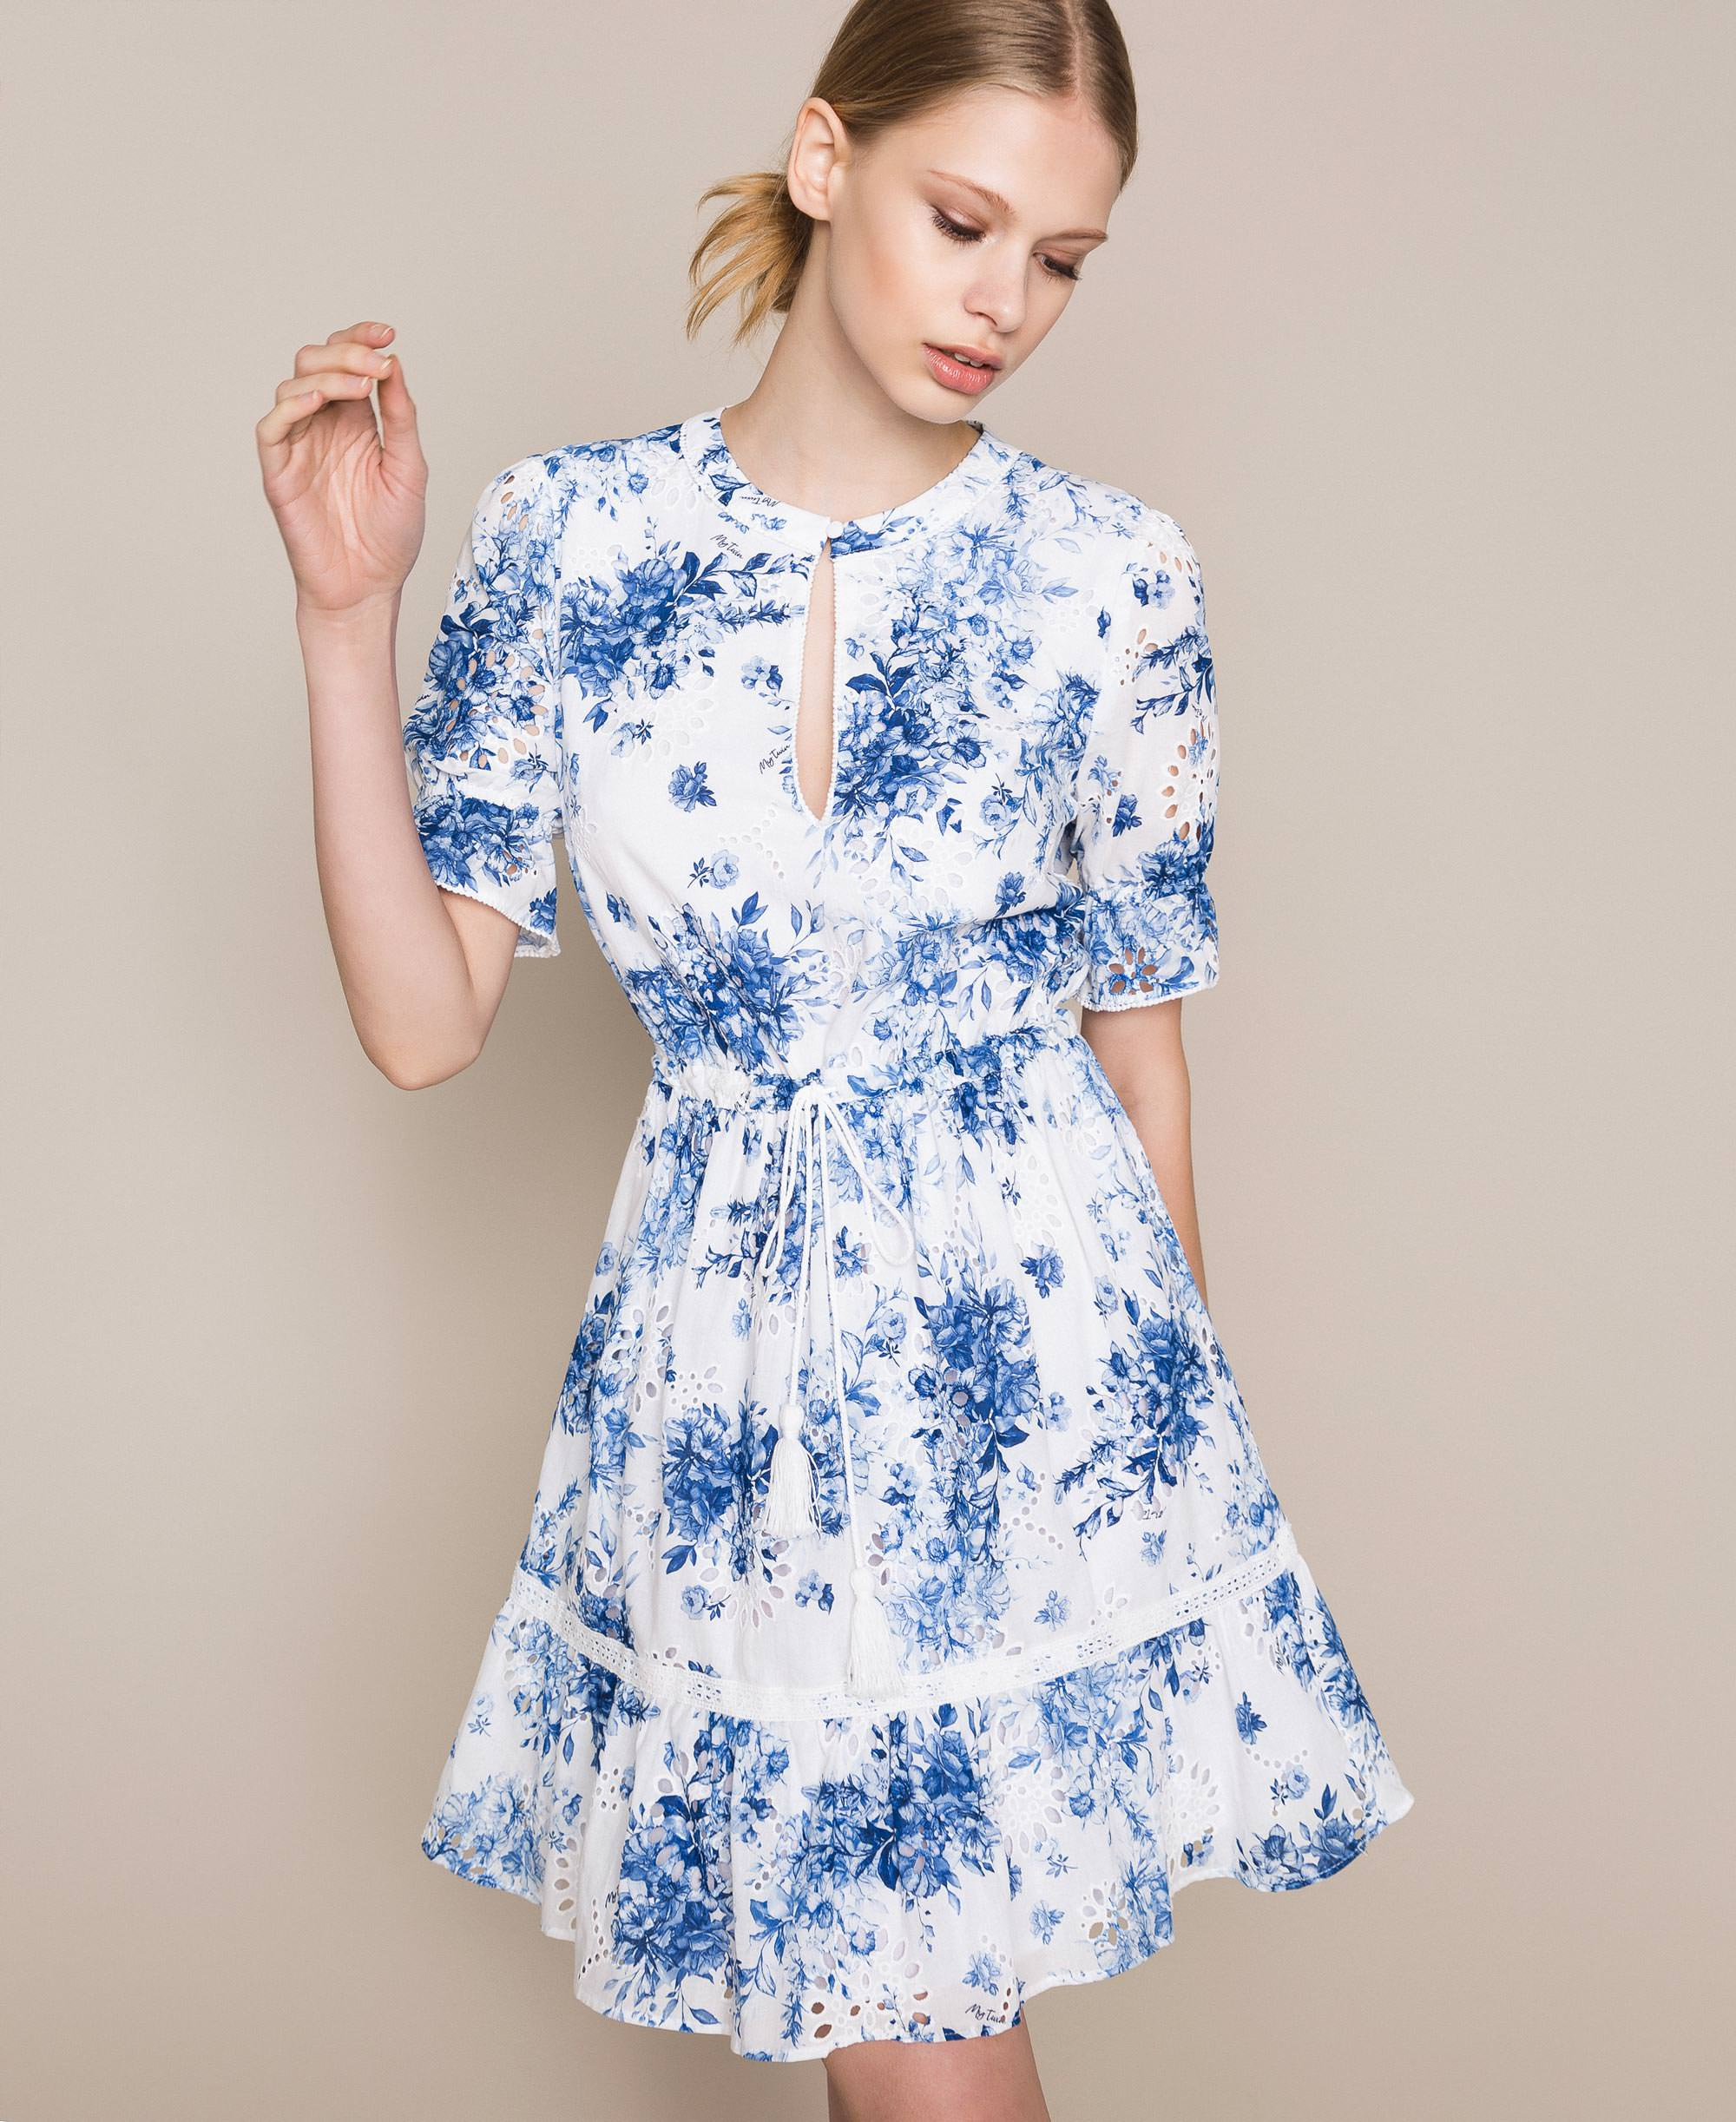 Kleid mit Lochstickerei und Print Frau, Blau | TWINSET Milano